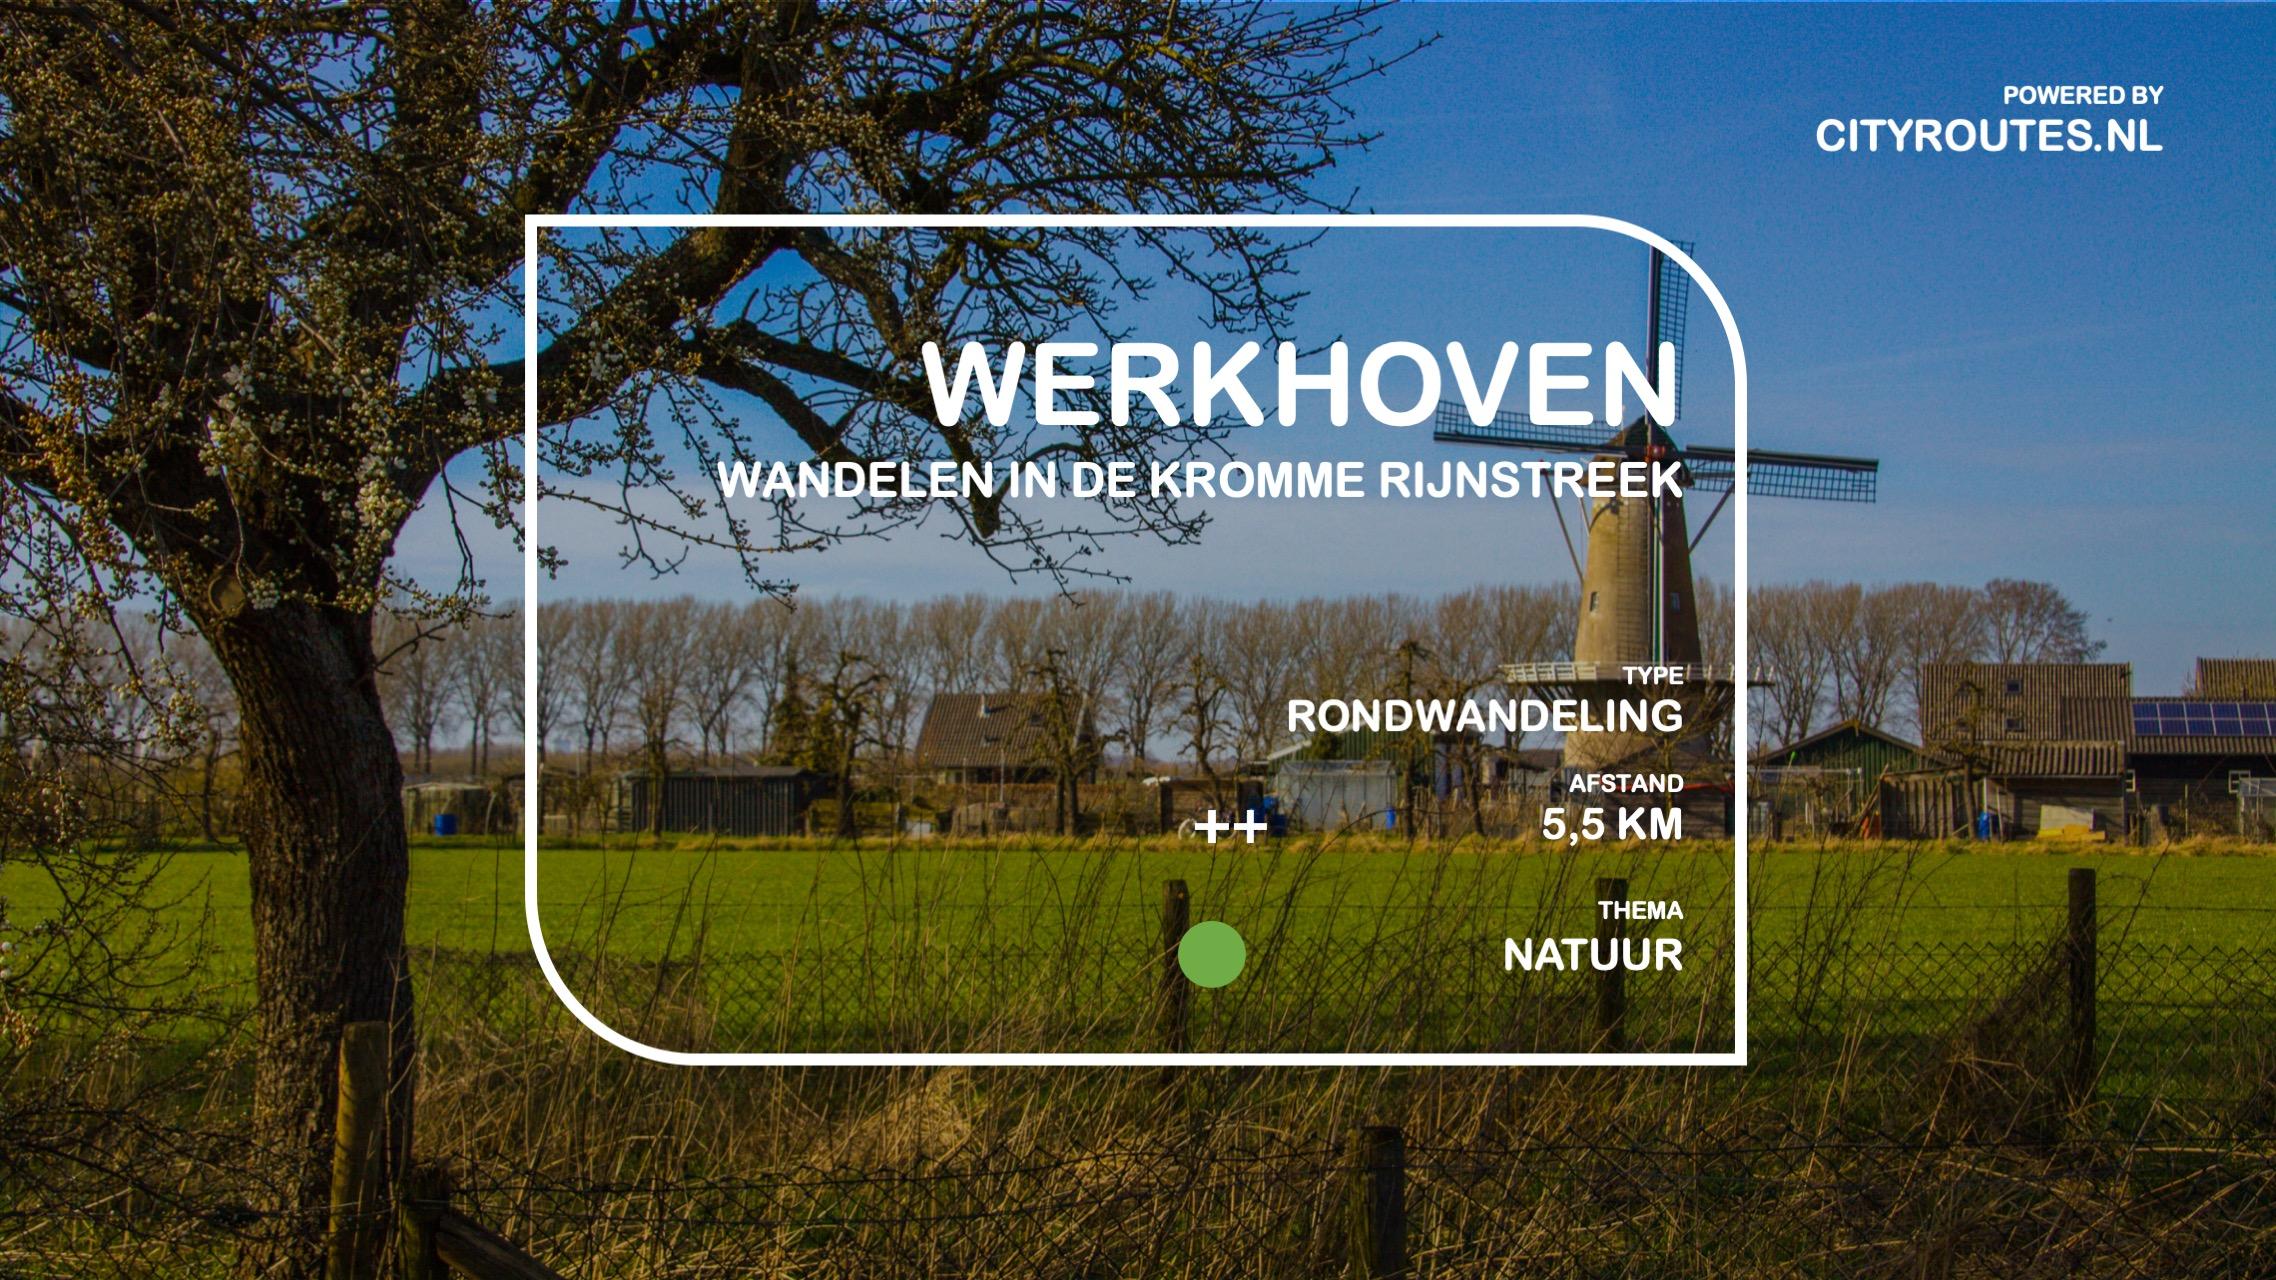 Gratis wandeling Werkhoven Cityroutes